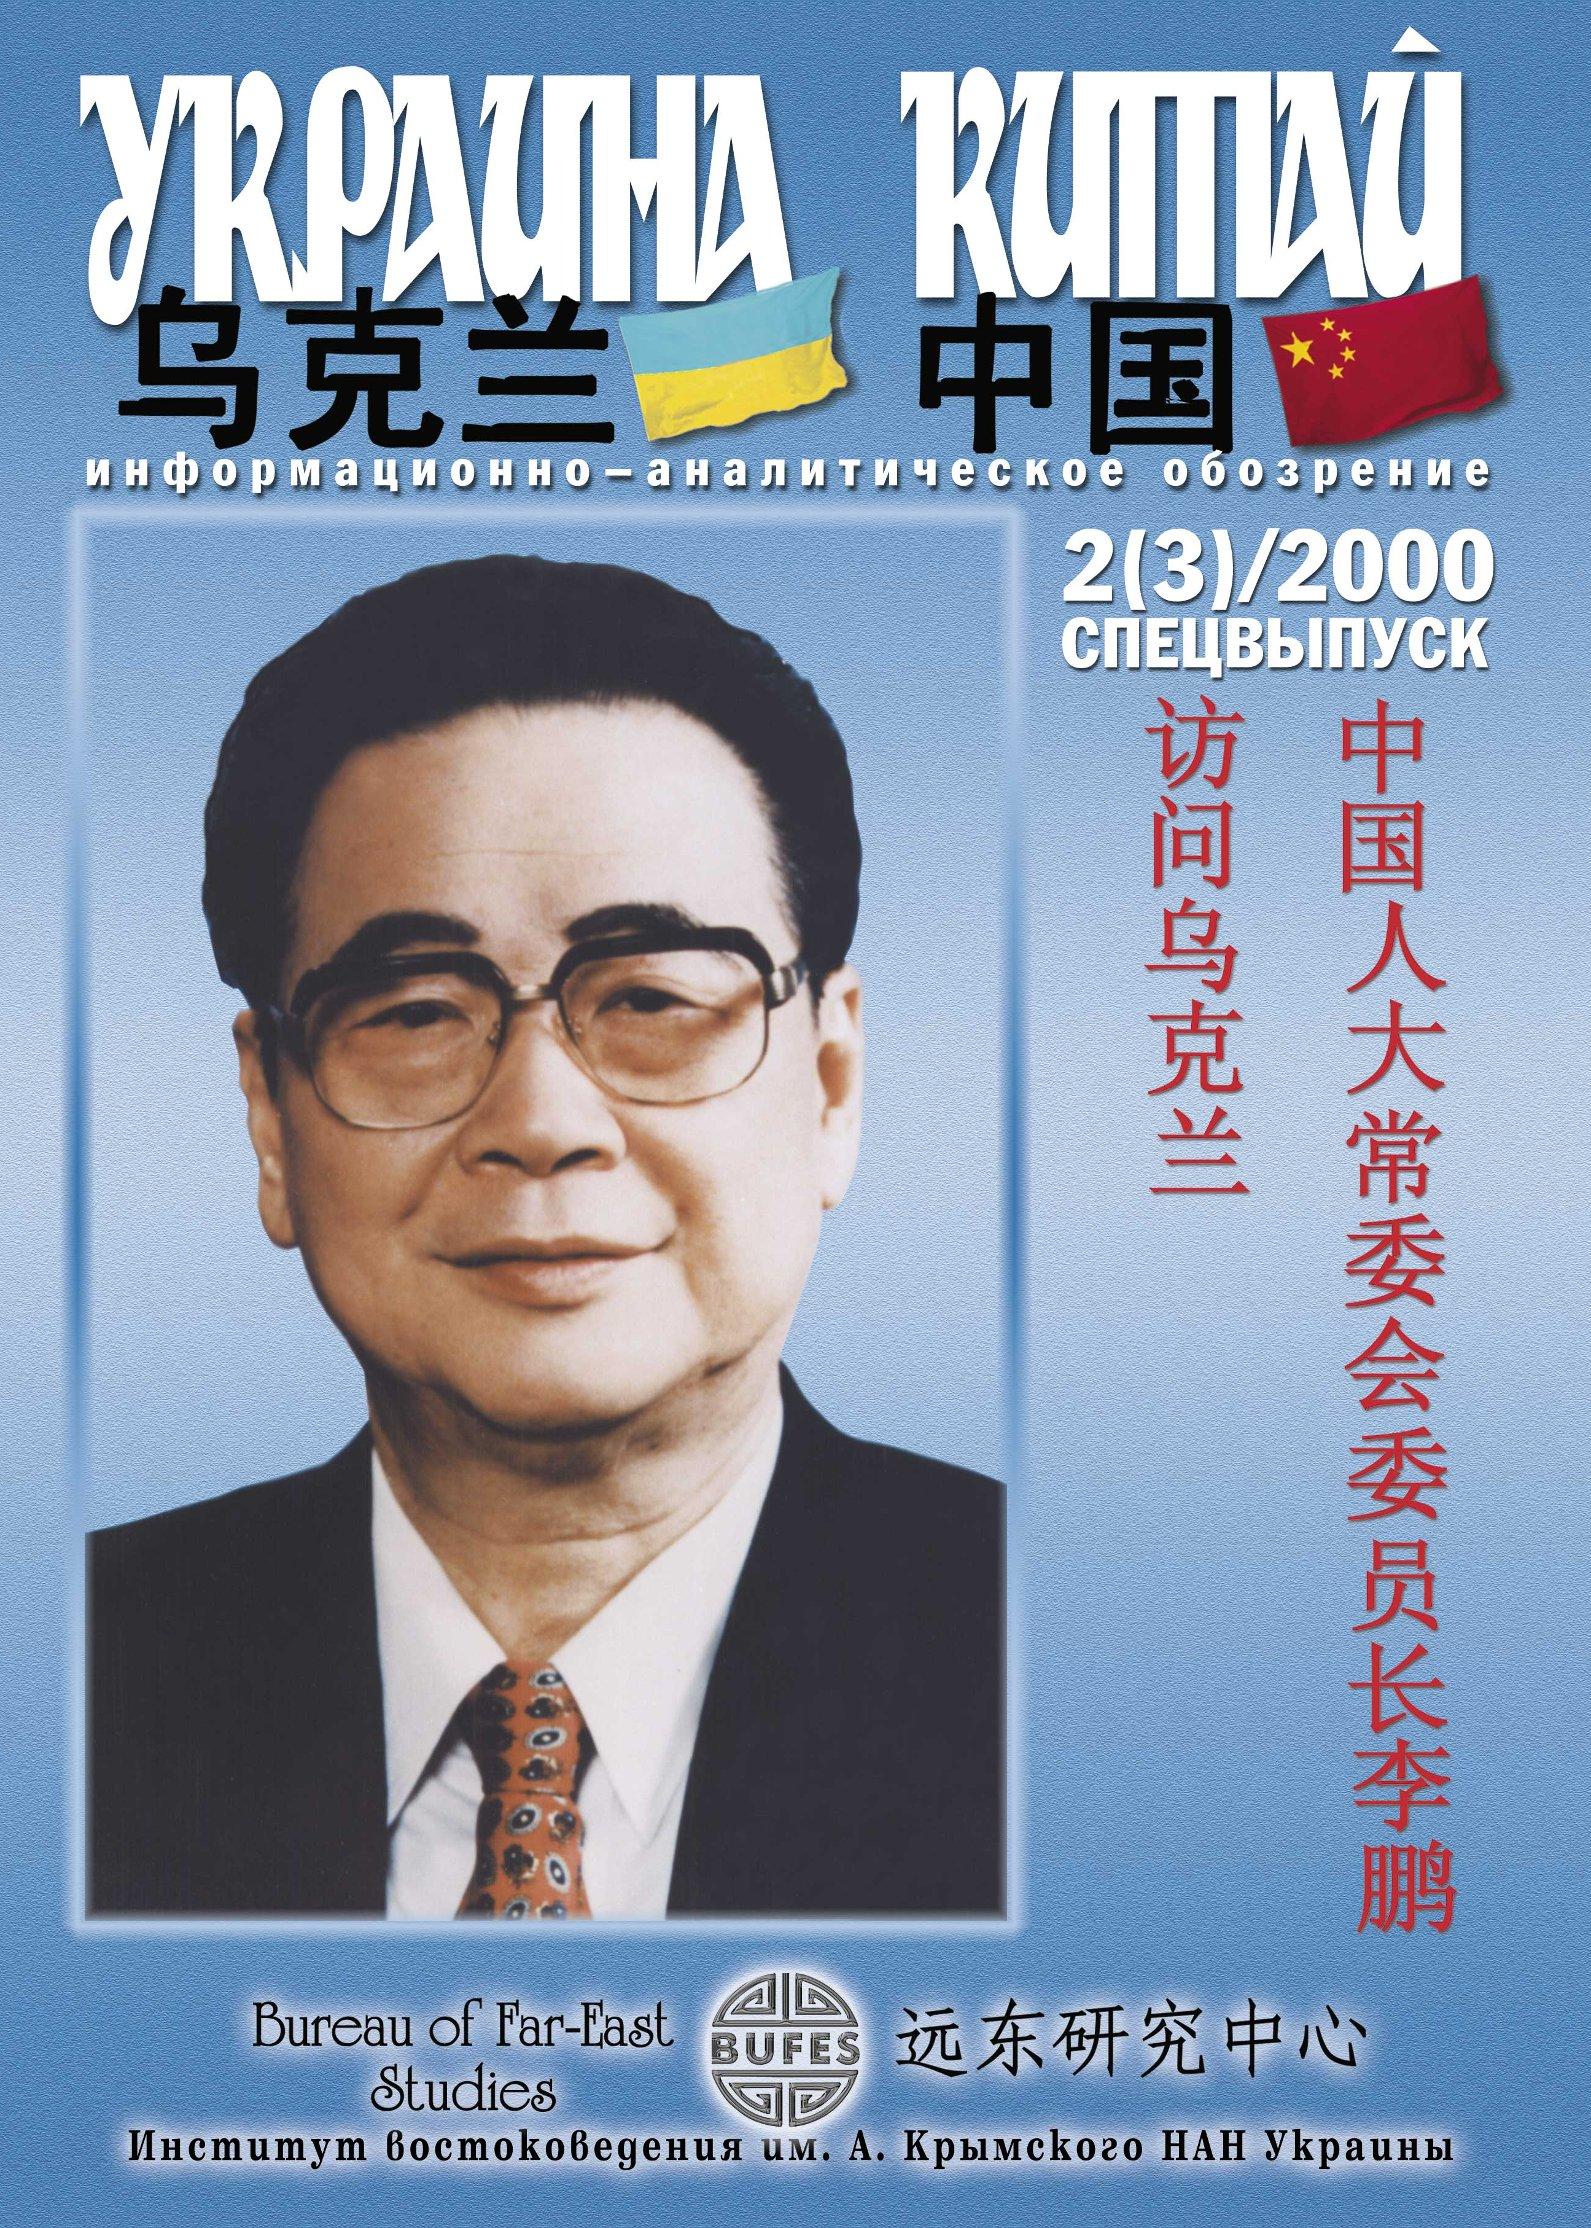 Ukraine-China 2000, 2(3)